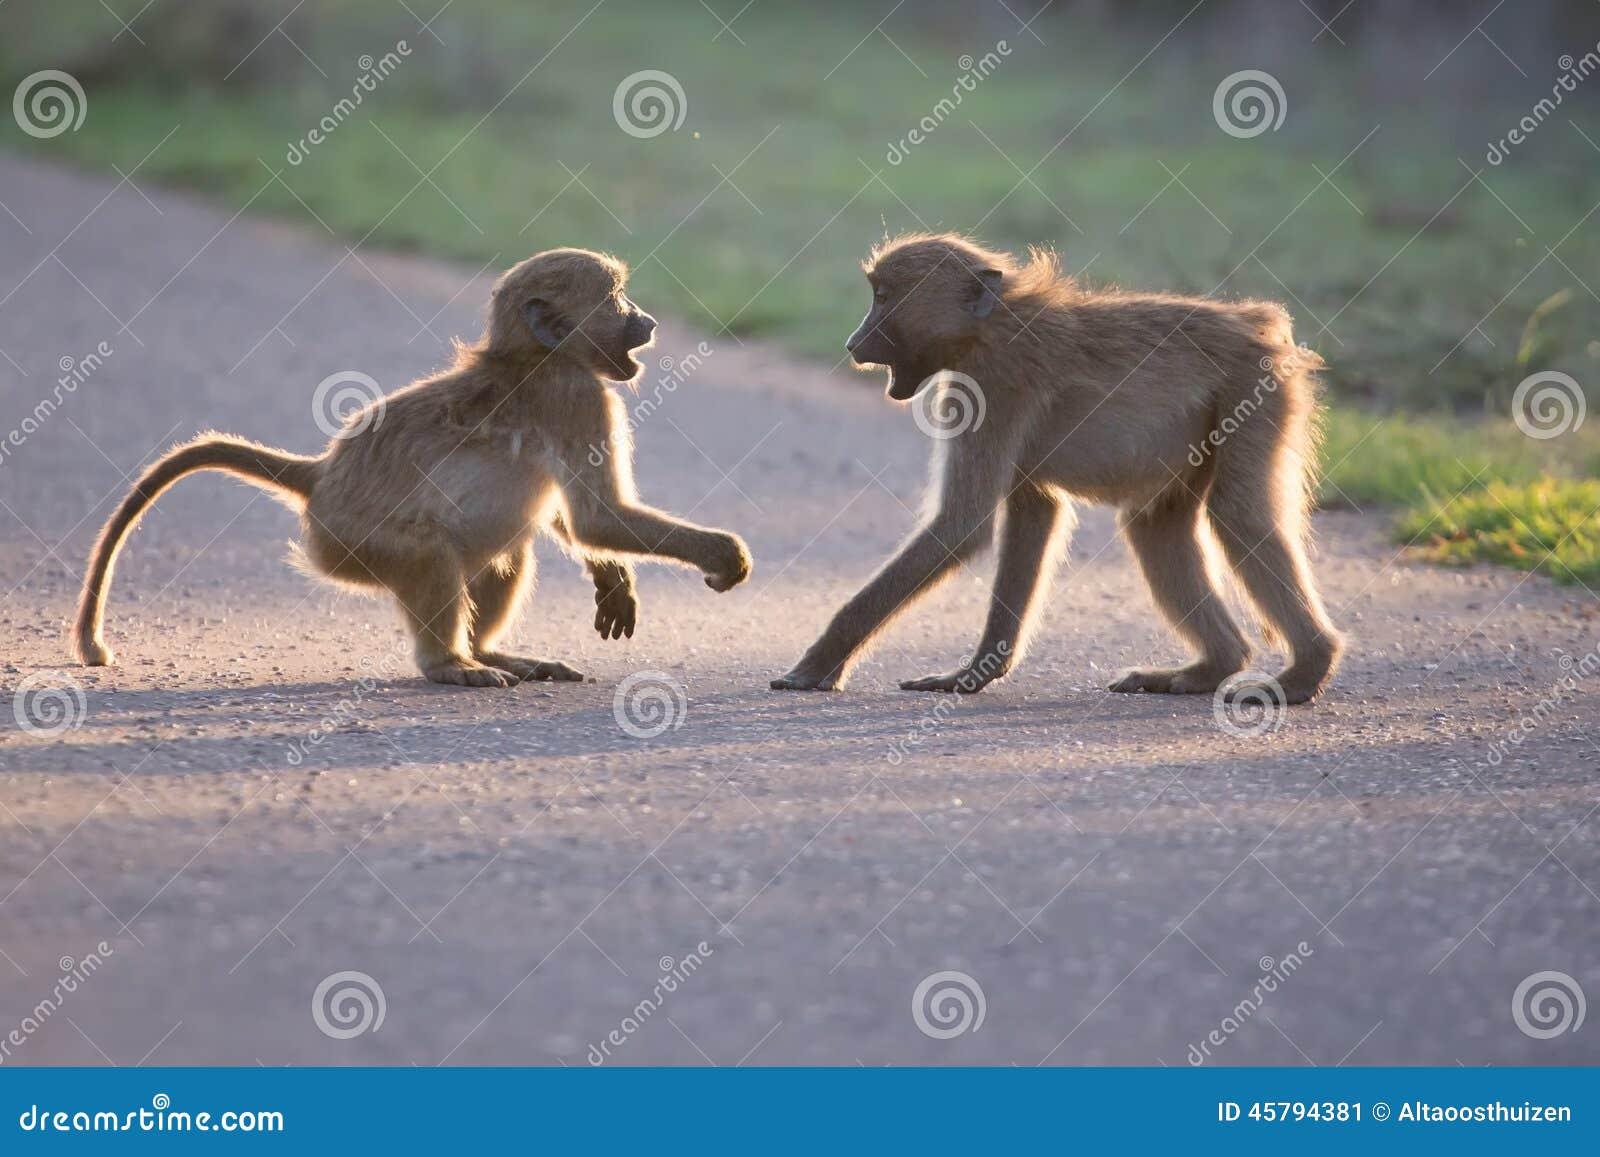 Νέα baboons που παίζουν σε έναν δρόμο αργά το απόγευμα πρίν επιστρέφει